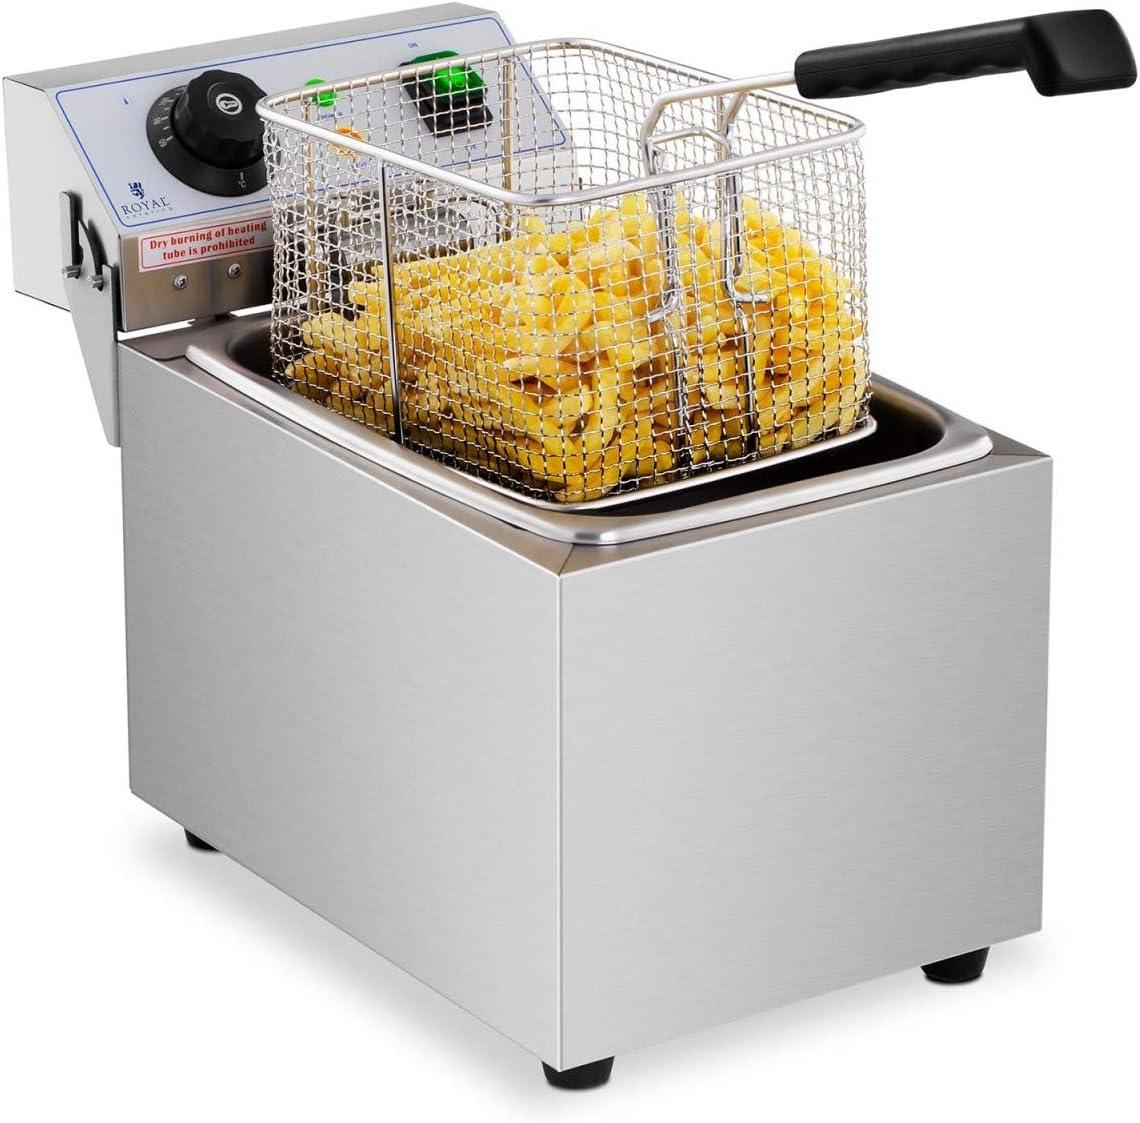 Royal Catering Freidora Electrica Profesional Para Hostelería RCEF 08EB (8 Litros, Potencia 3.200 Watt, Temperatura: 50 – 200 °C, Zona Fría, Tapa Incluida)